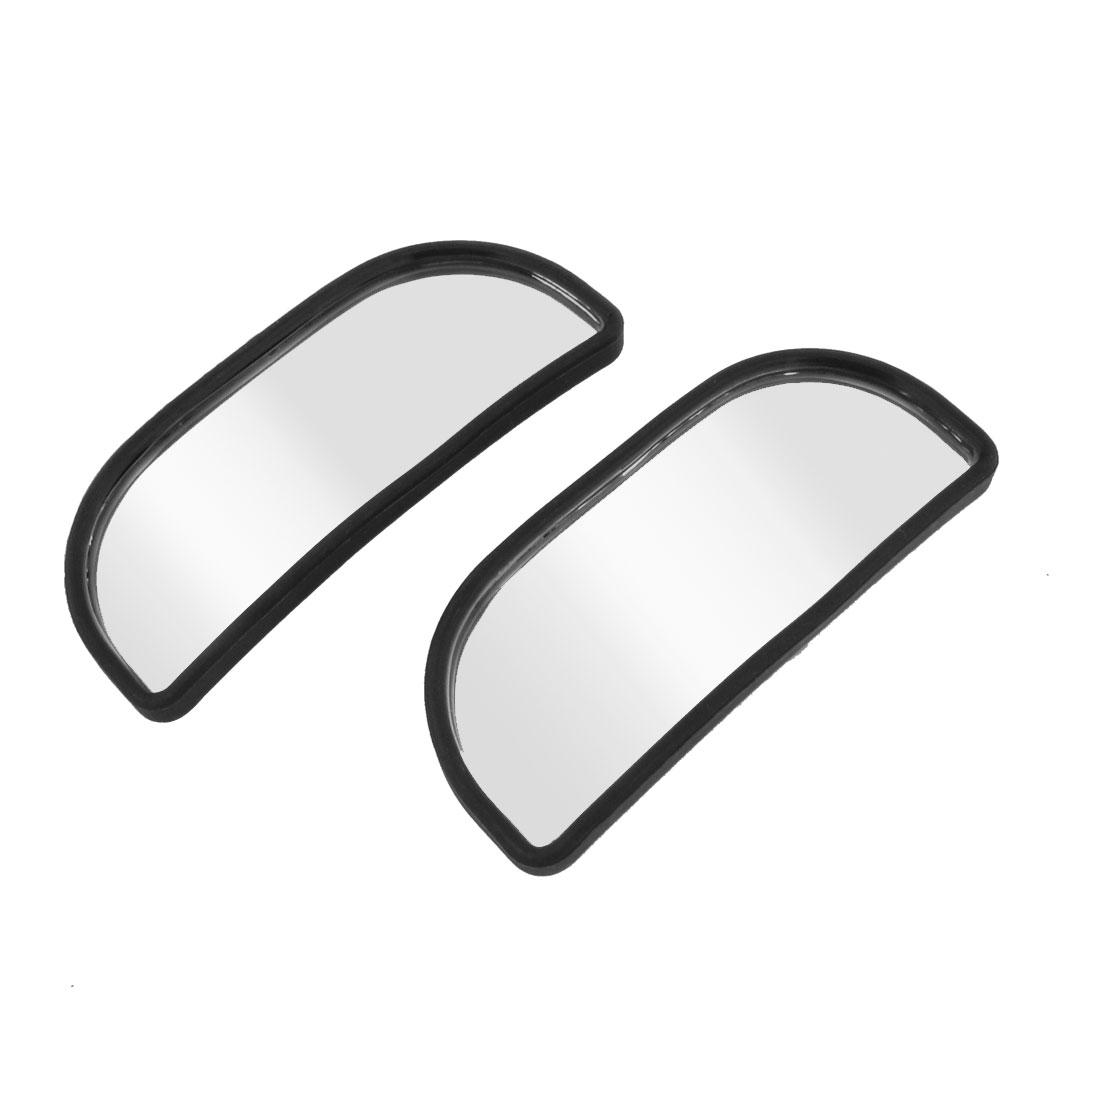 2pcs Black Plastic Frame Blind Spot Mirror Sticker 8.5cm Long for Car